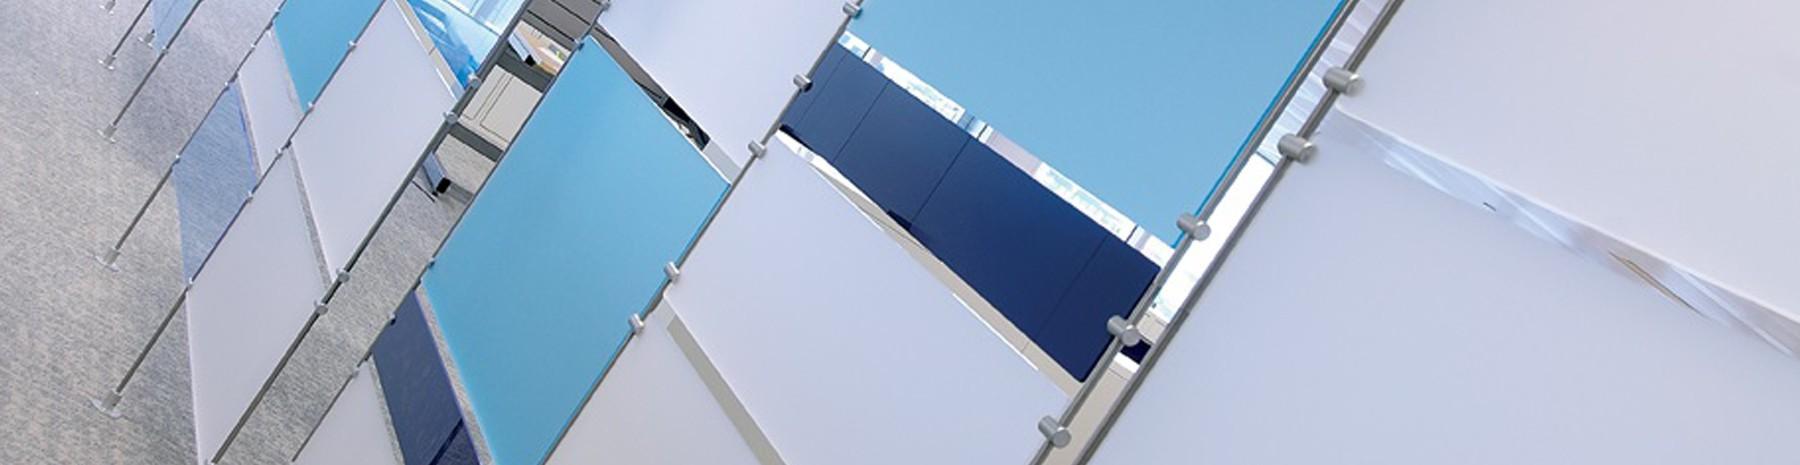 Support panneau (gamme tige Ø 10 mm) pour l'affichage suspendu